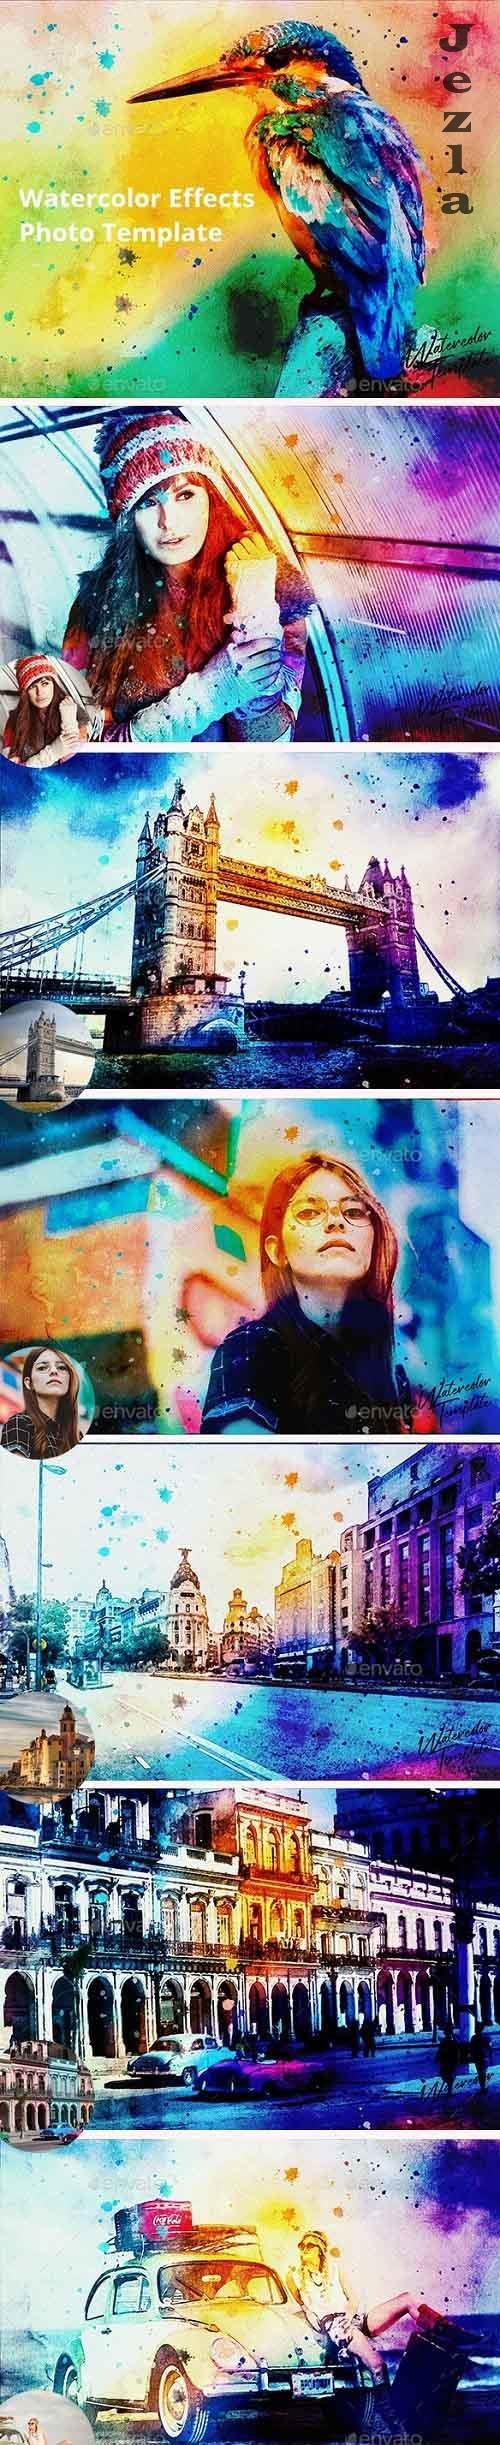 GraphicRiver - Watercolor Photo Template 29665724